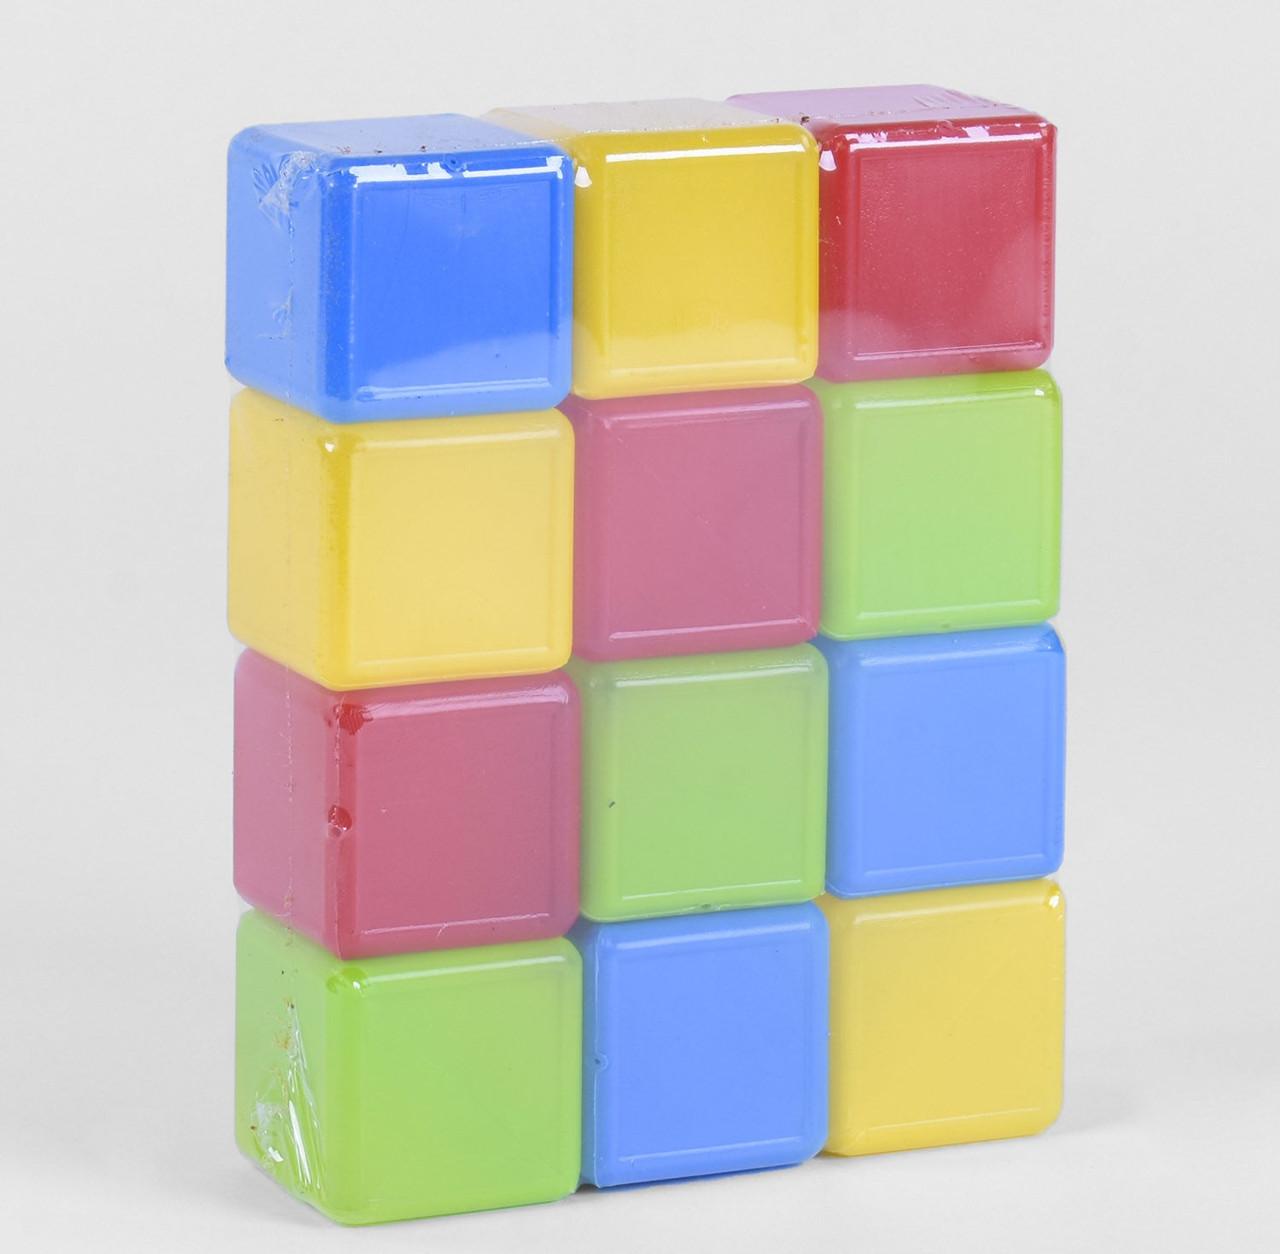 Кубики пластмассовые цветные 12 штук. ТМ M-Toys. Украина (05062)